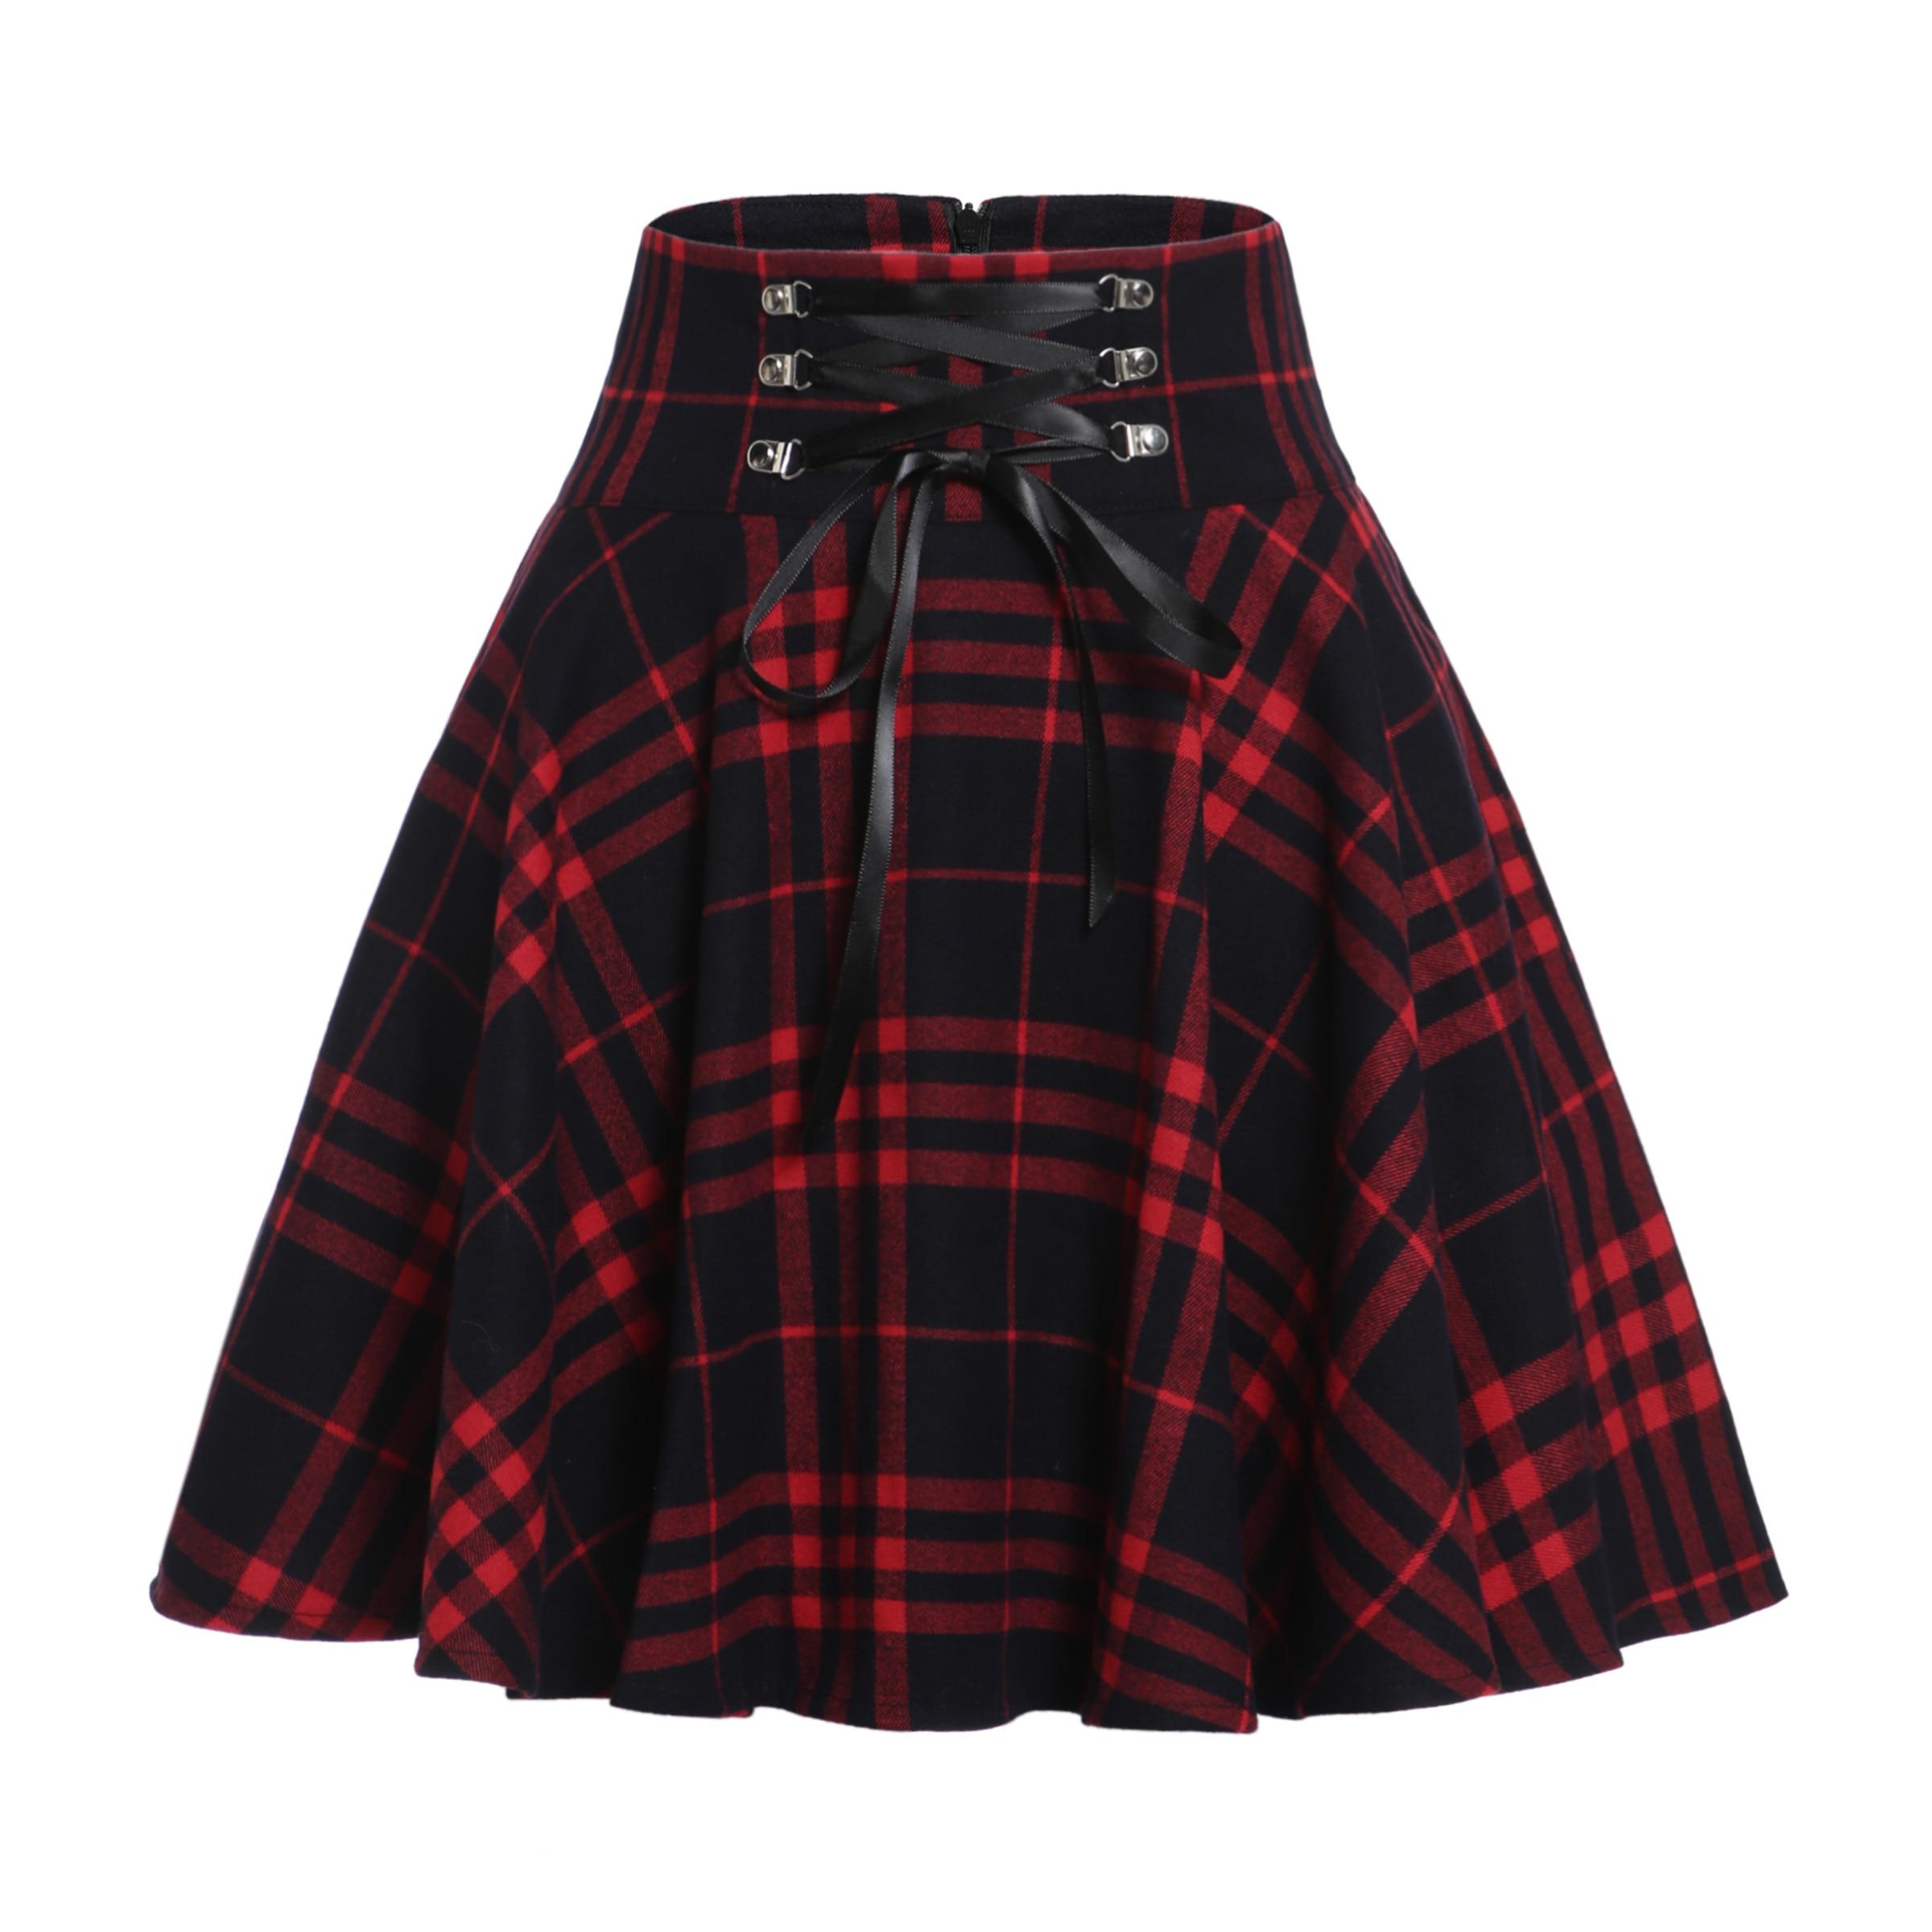 fb9efcd79 Venta de faldas cortas para invierno ideas and get free shipping ...